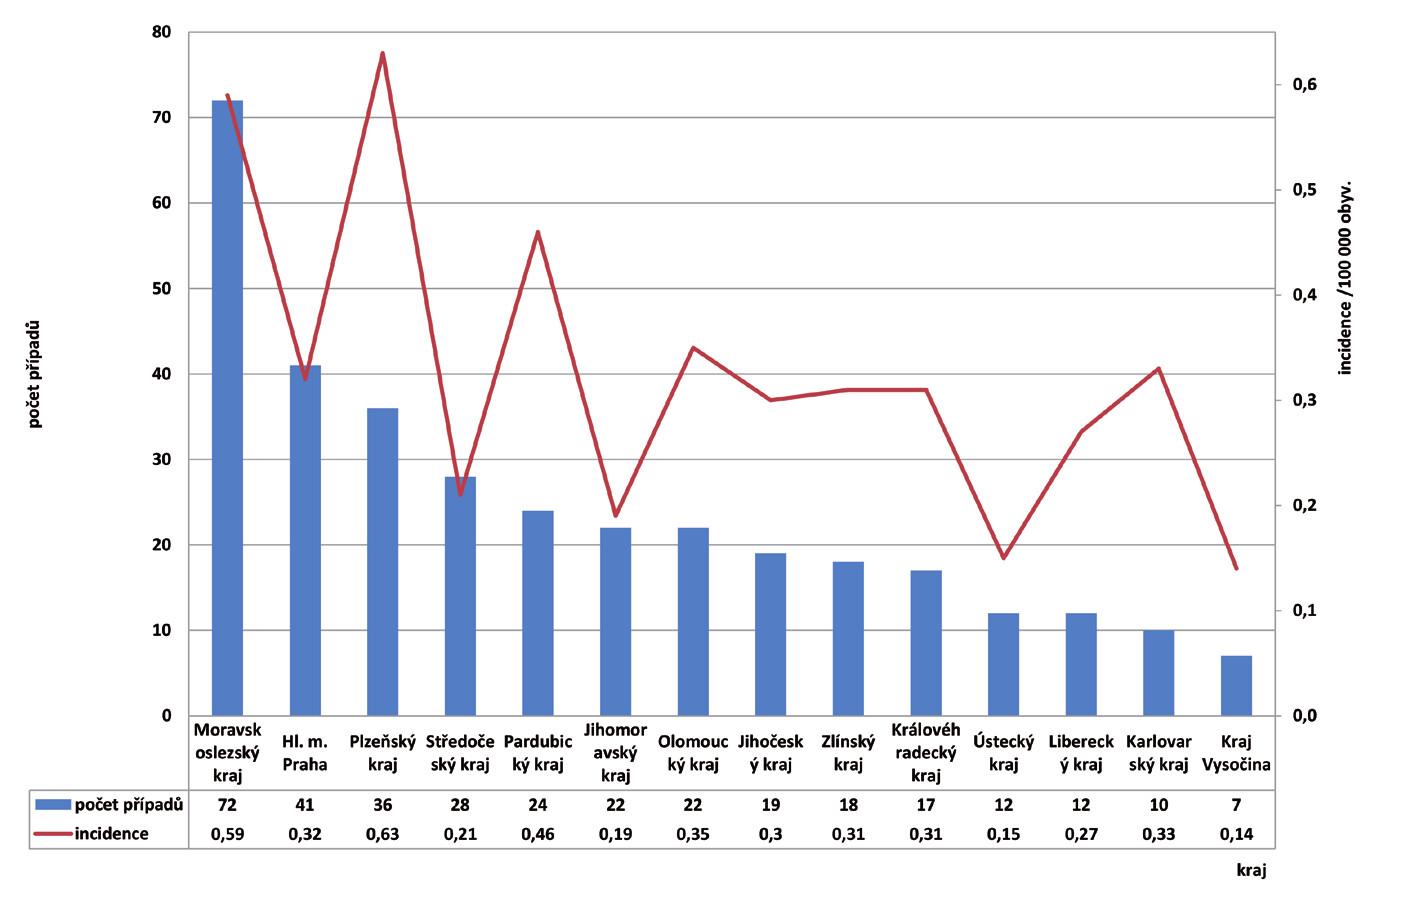 Průměrná specifická incidence listeriózy podle krajů v České republice v letech 2010–2019